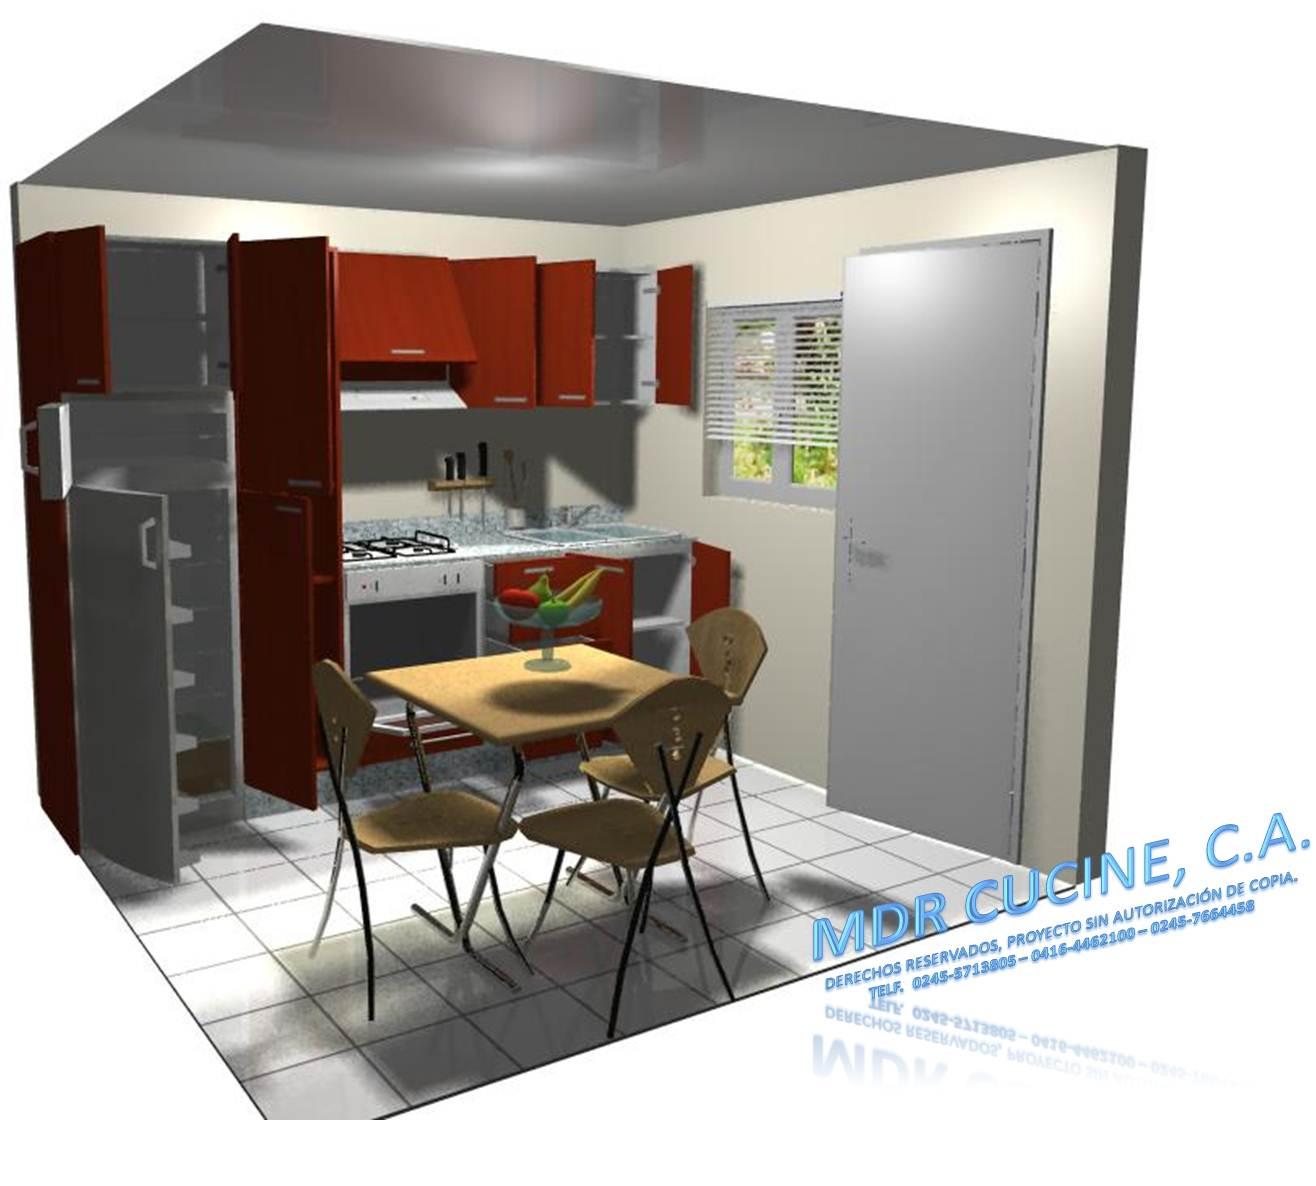 Mdr cucine dise os nuestras cocinas funcionales a precios - Cocinas funcionales ...